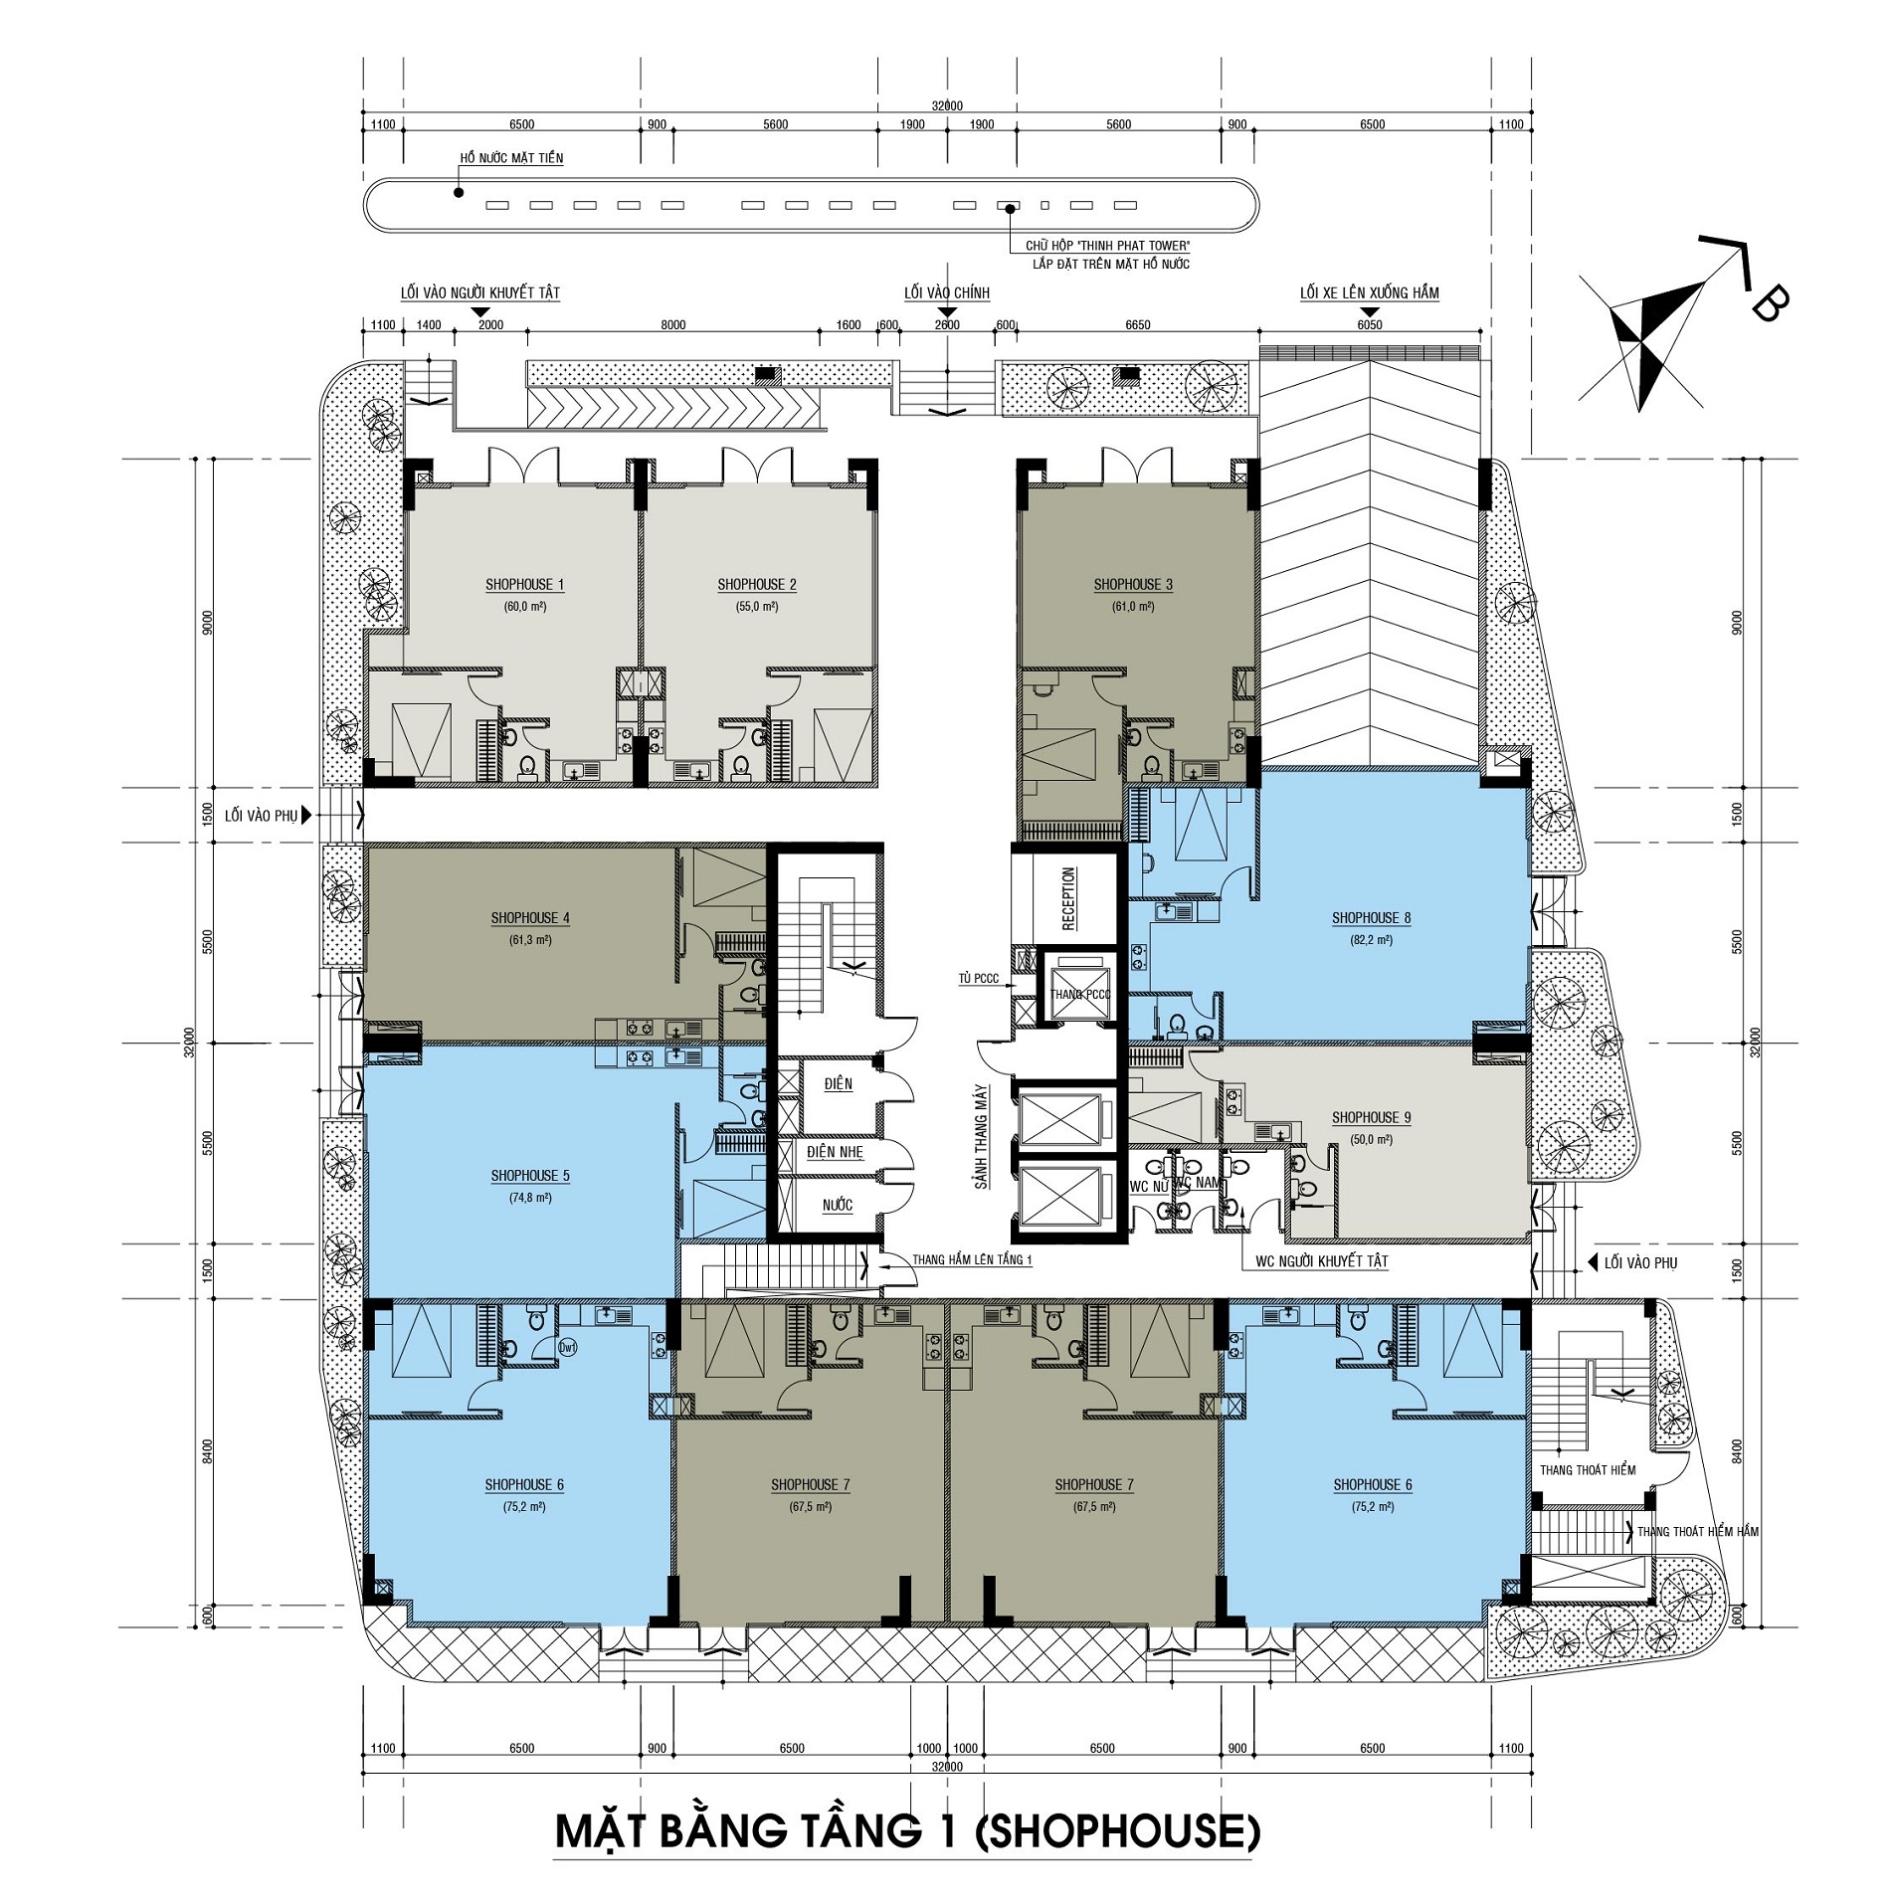 Mặt bằng tầng 1 (khu shophouse) dự án căn hộ condotel Thịnh Phát Tower